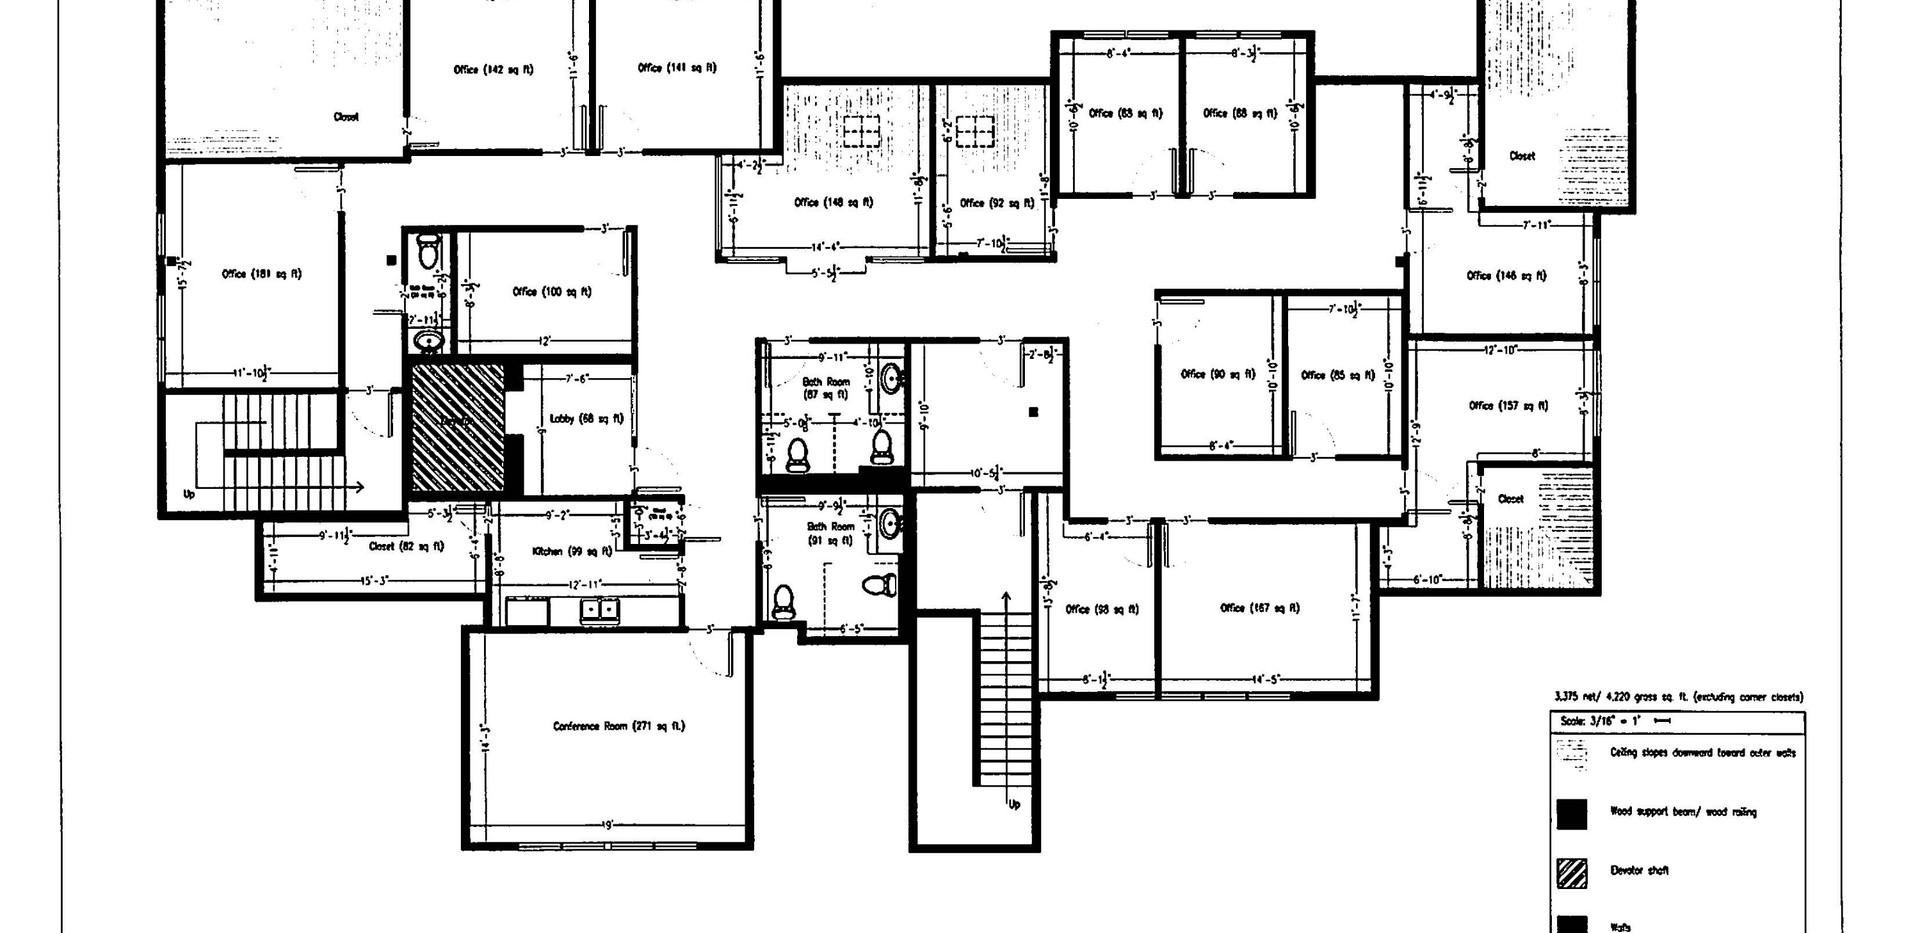 162 Danbury Road - Upper Level Floor Plan